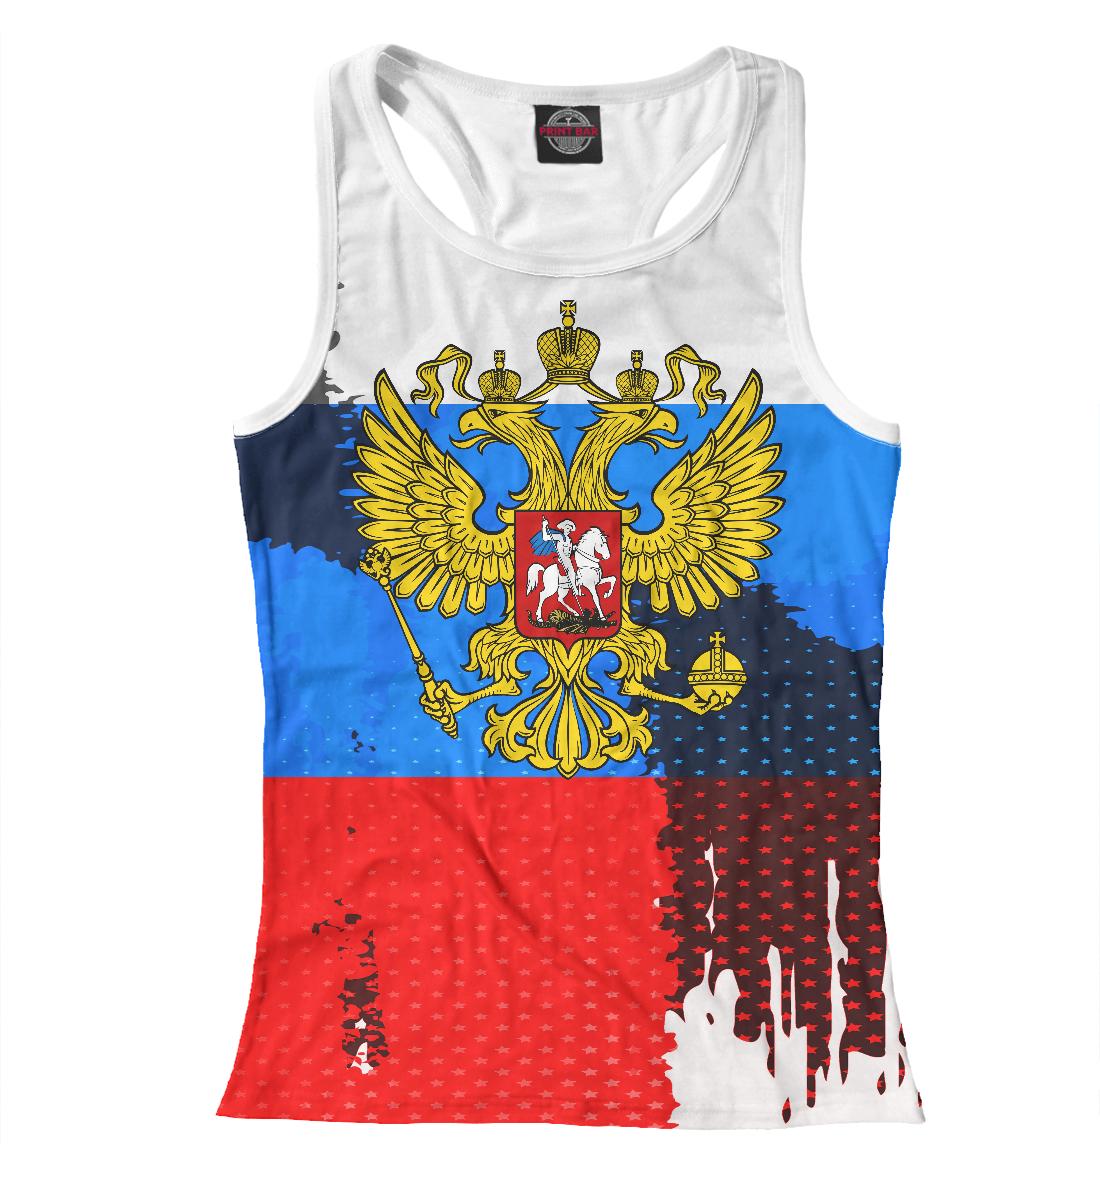 Купить Россия триколор, Printbar, Майки борцовки, SRF-926777-mayb-1